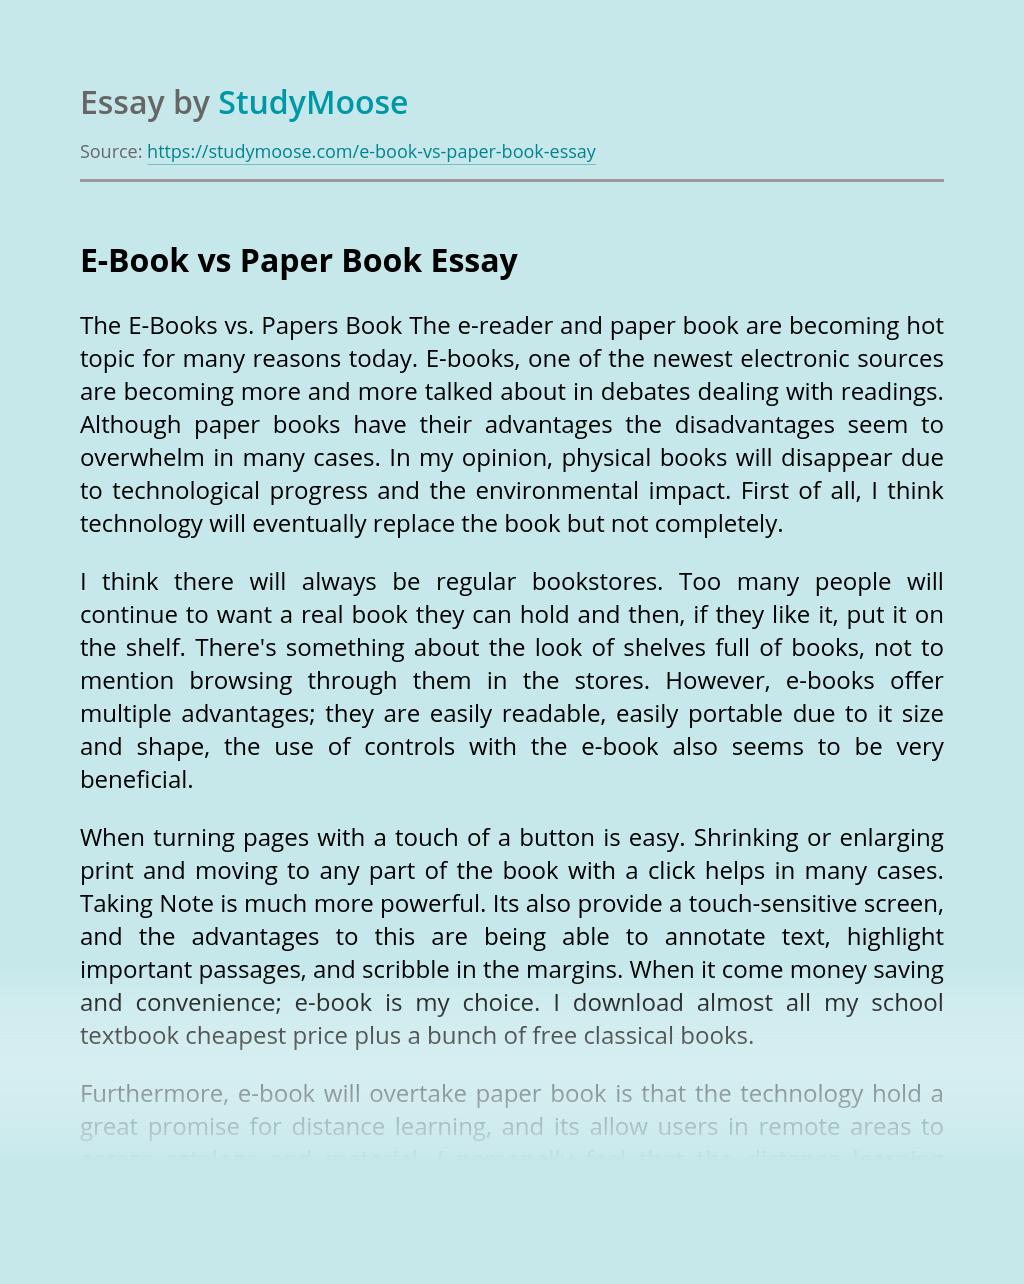 E-Book vs Paper Book